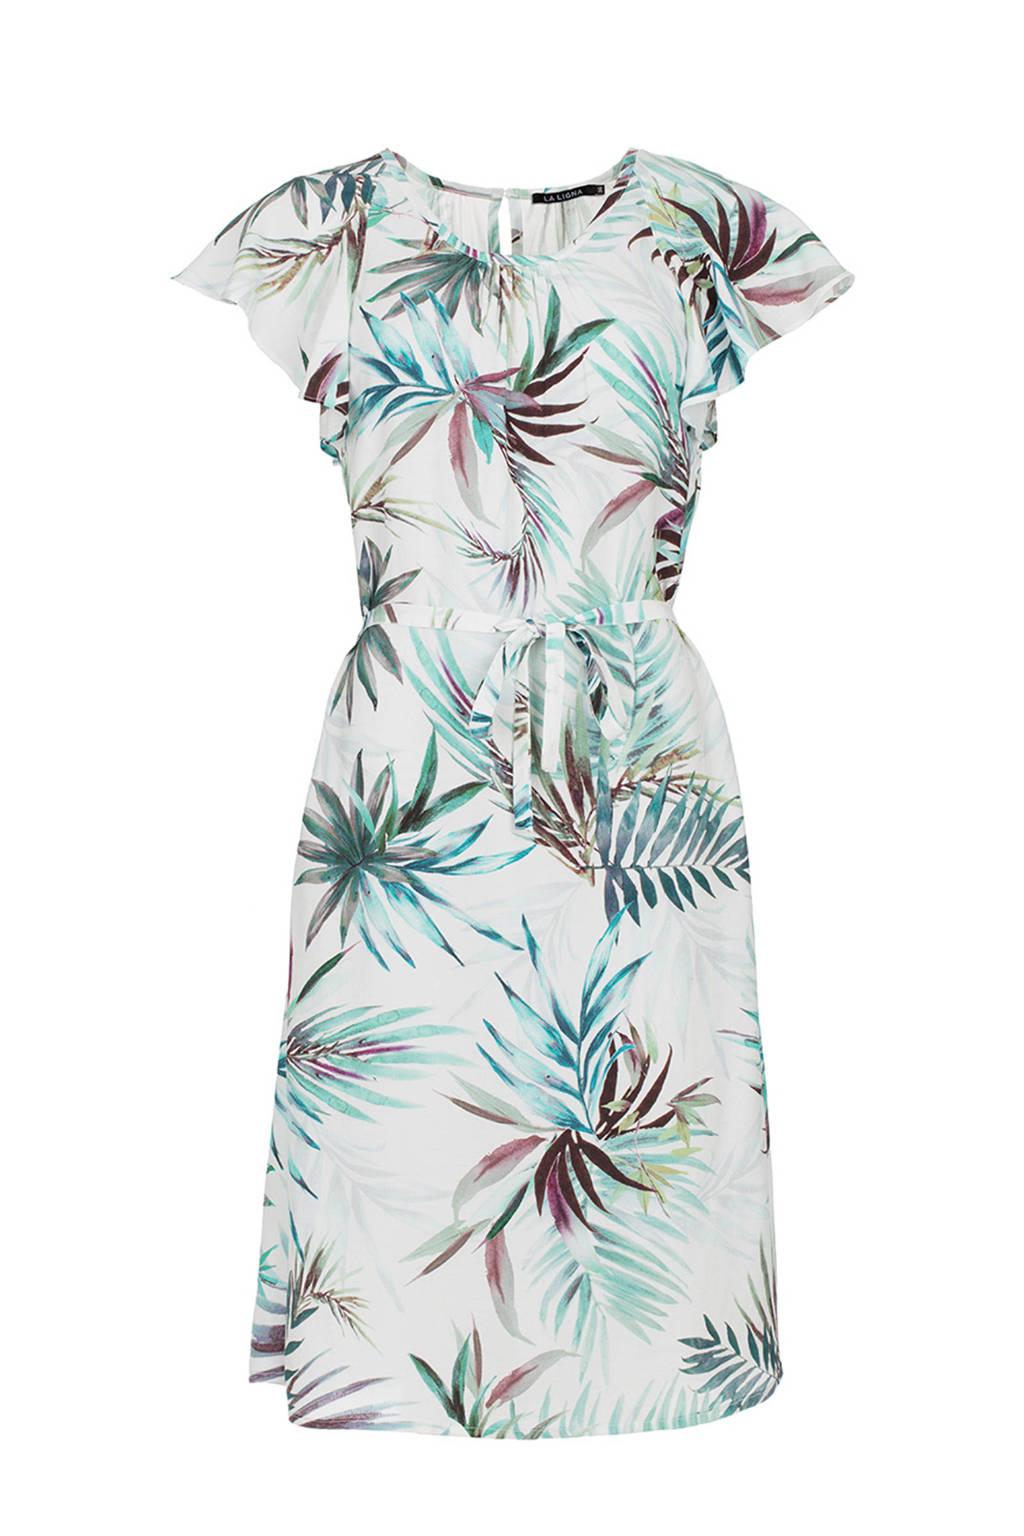 La Ligna Mylene jurk met strikceintuur, Ecru/groen/blauw